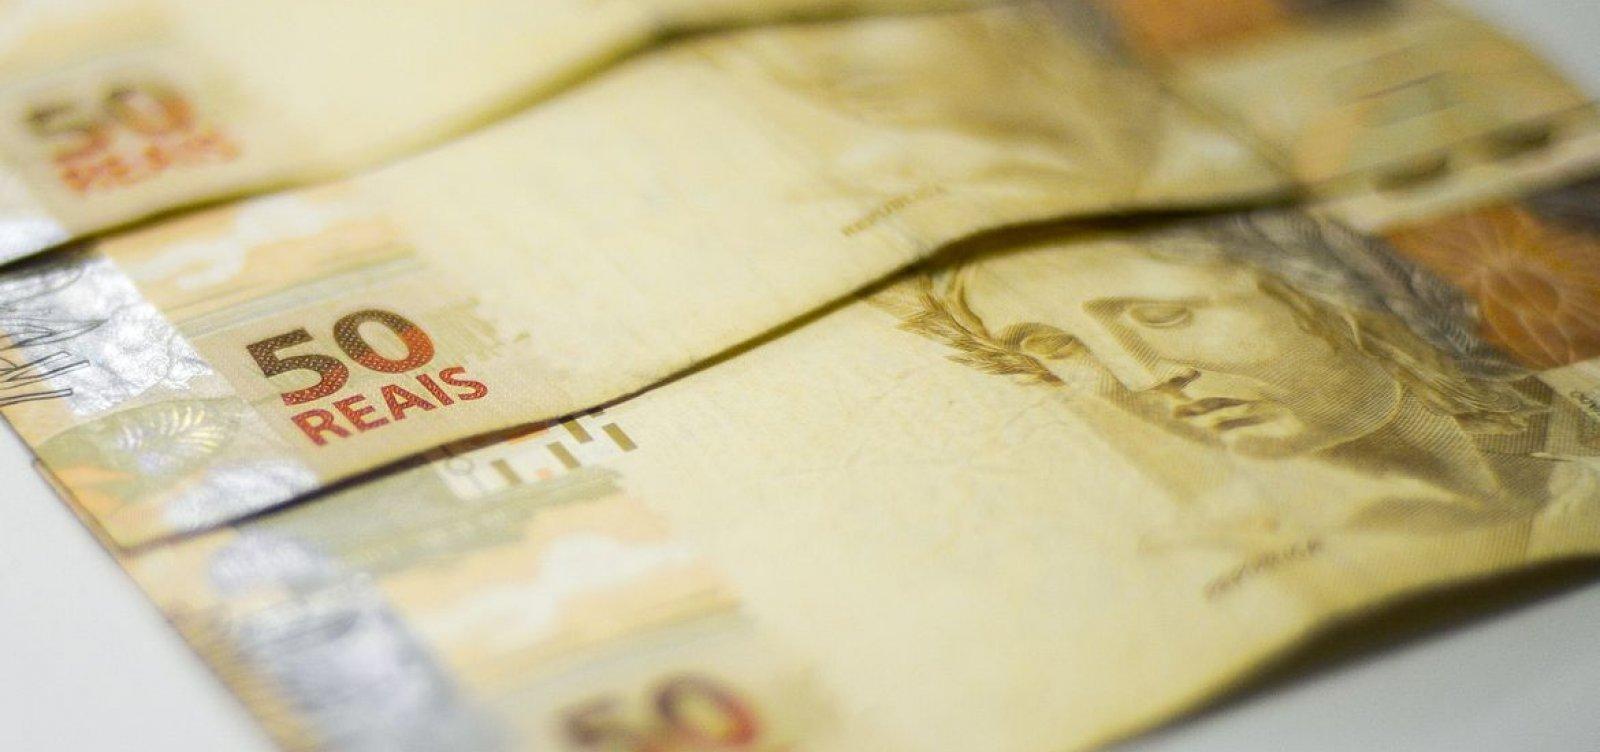 [Governadores apoiam veto a reajustes de salário para servidores]